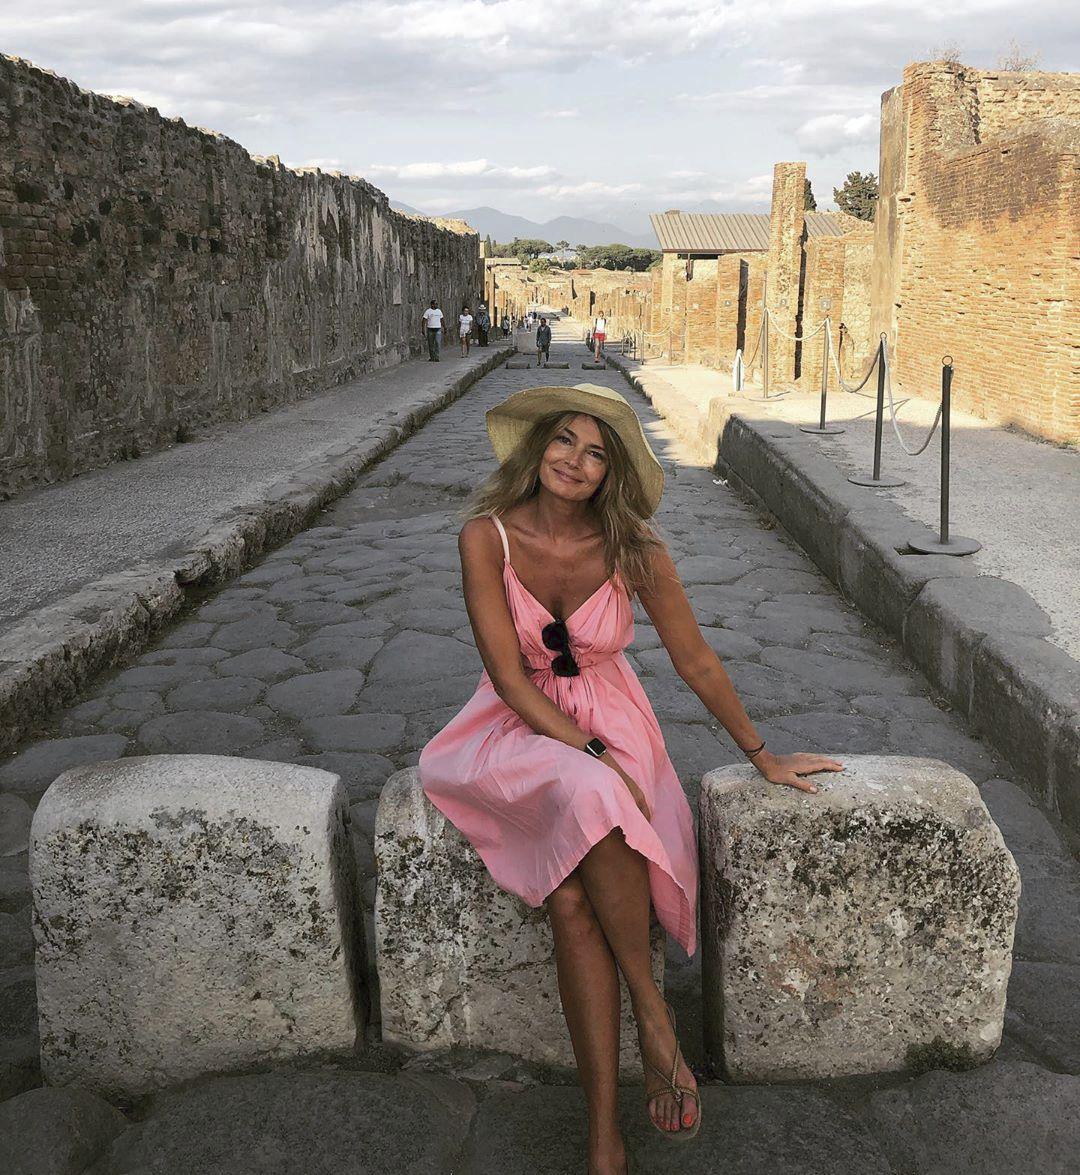 Růžových šatů za 25 dolarů si nejdříve všimla zahraniční média při její dovolené v Itálii